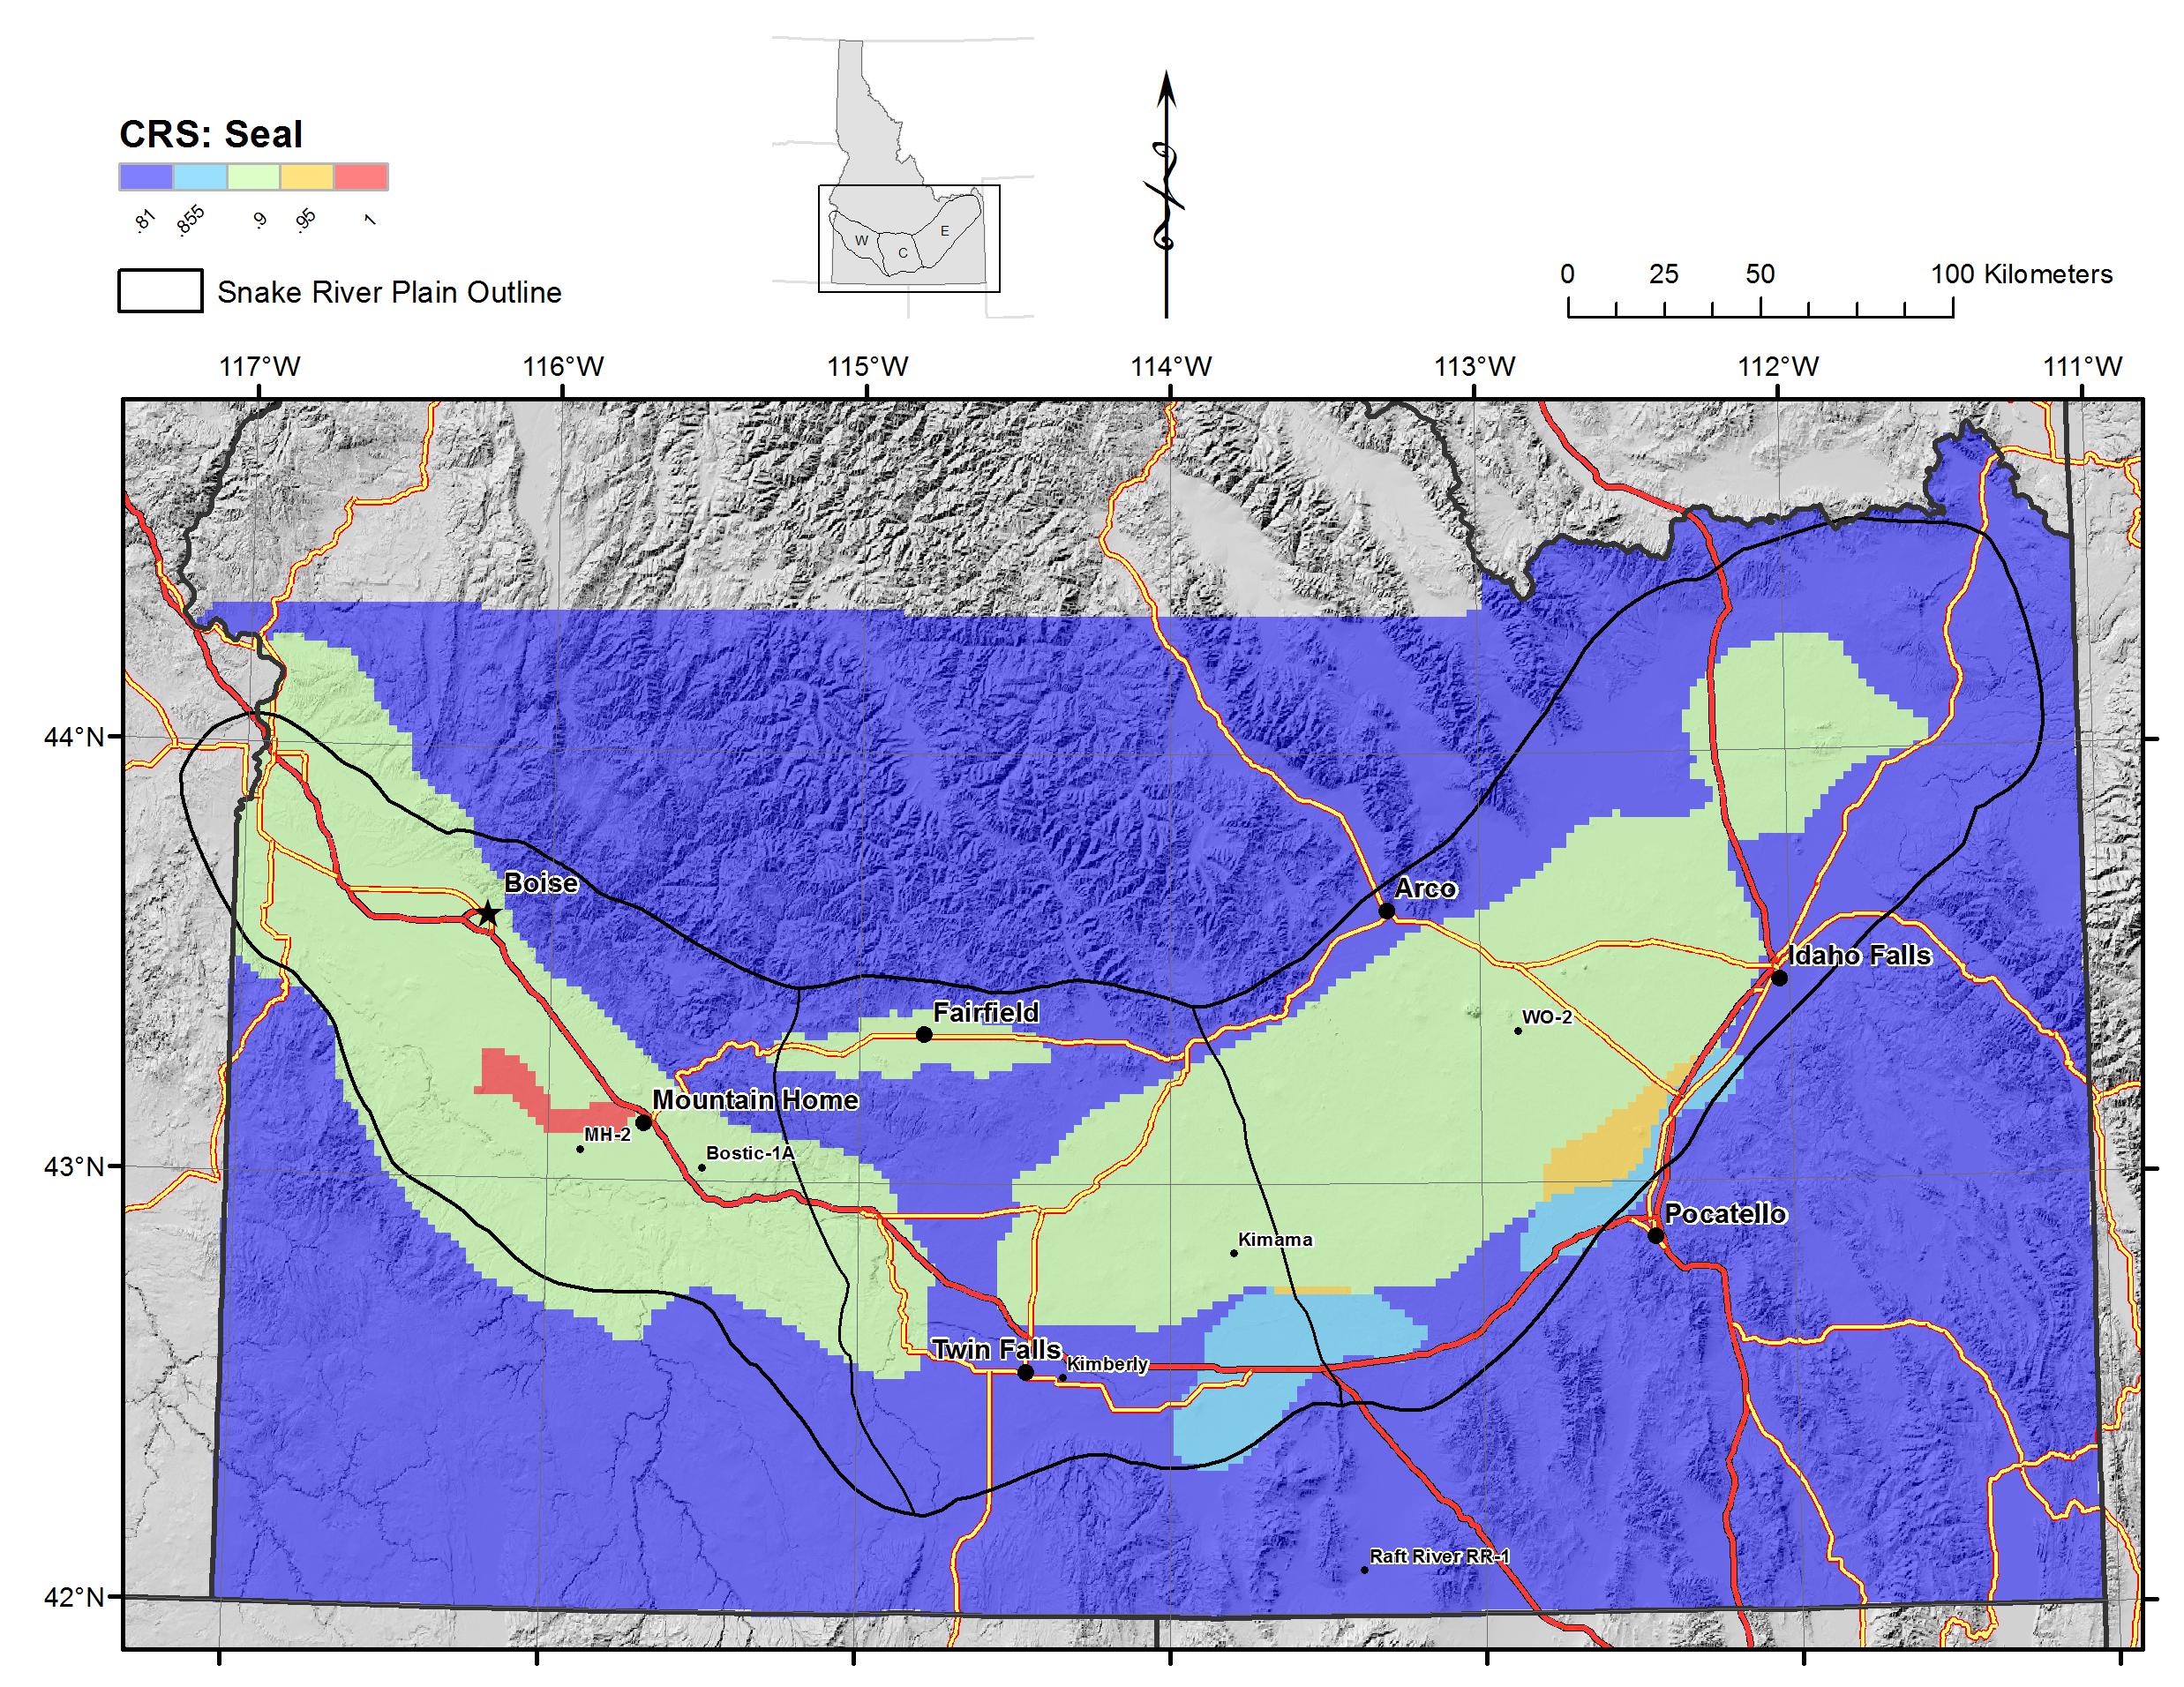 Snake River Plain Geothermal Play Fairway Analysis Raster Files